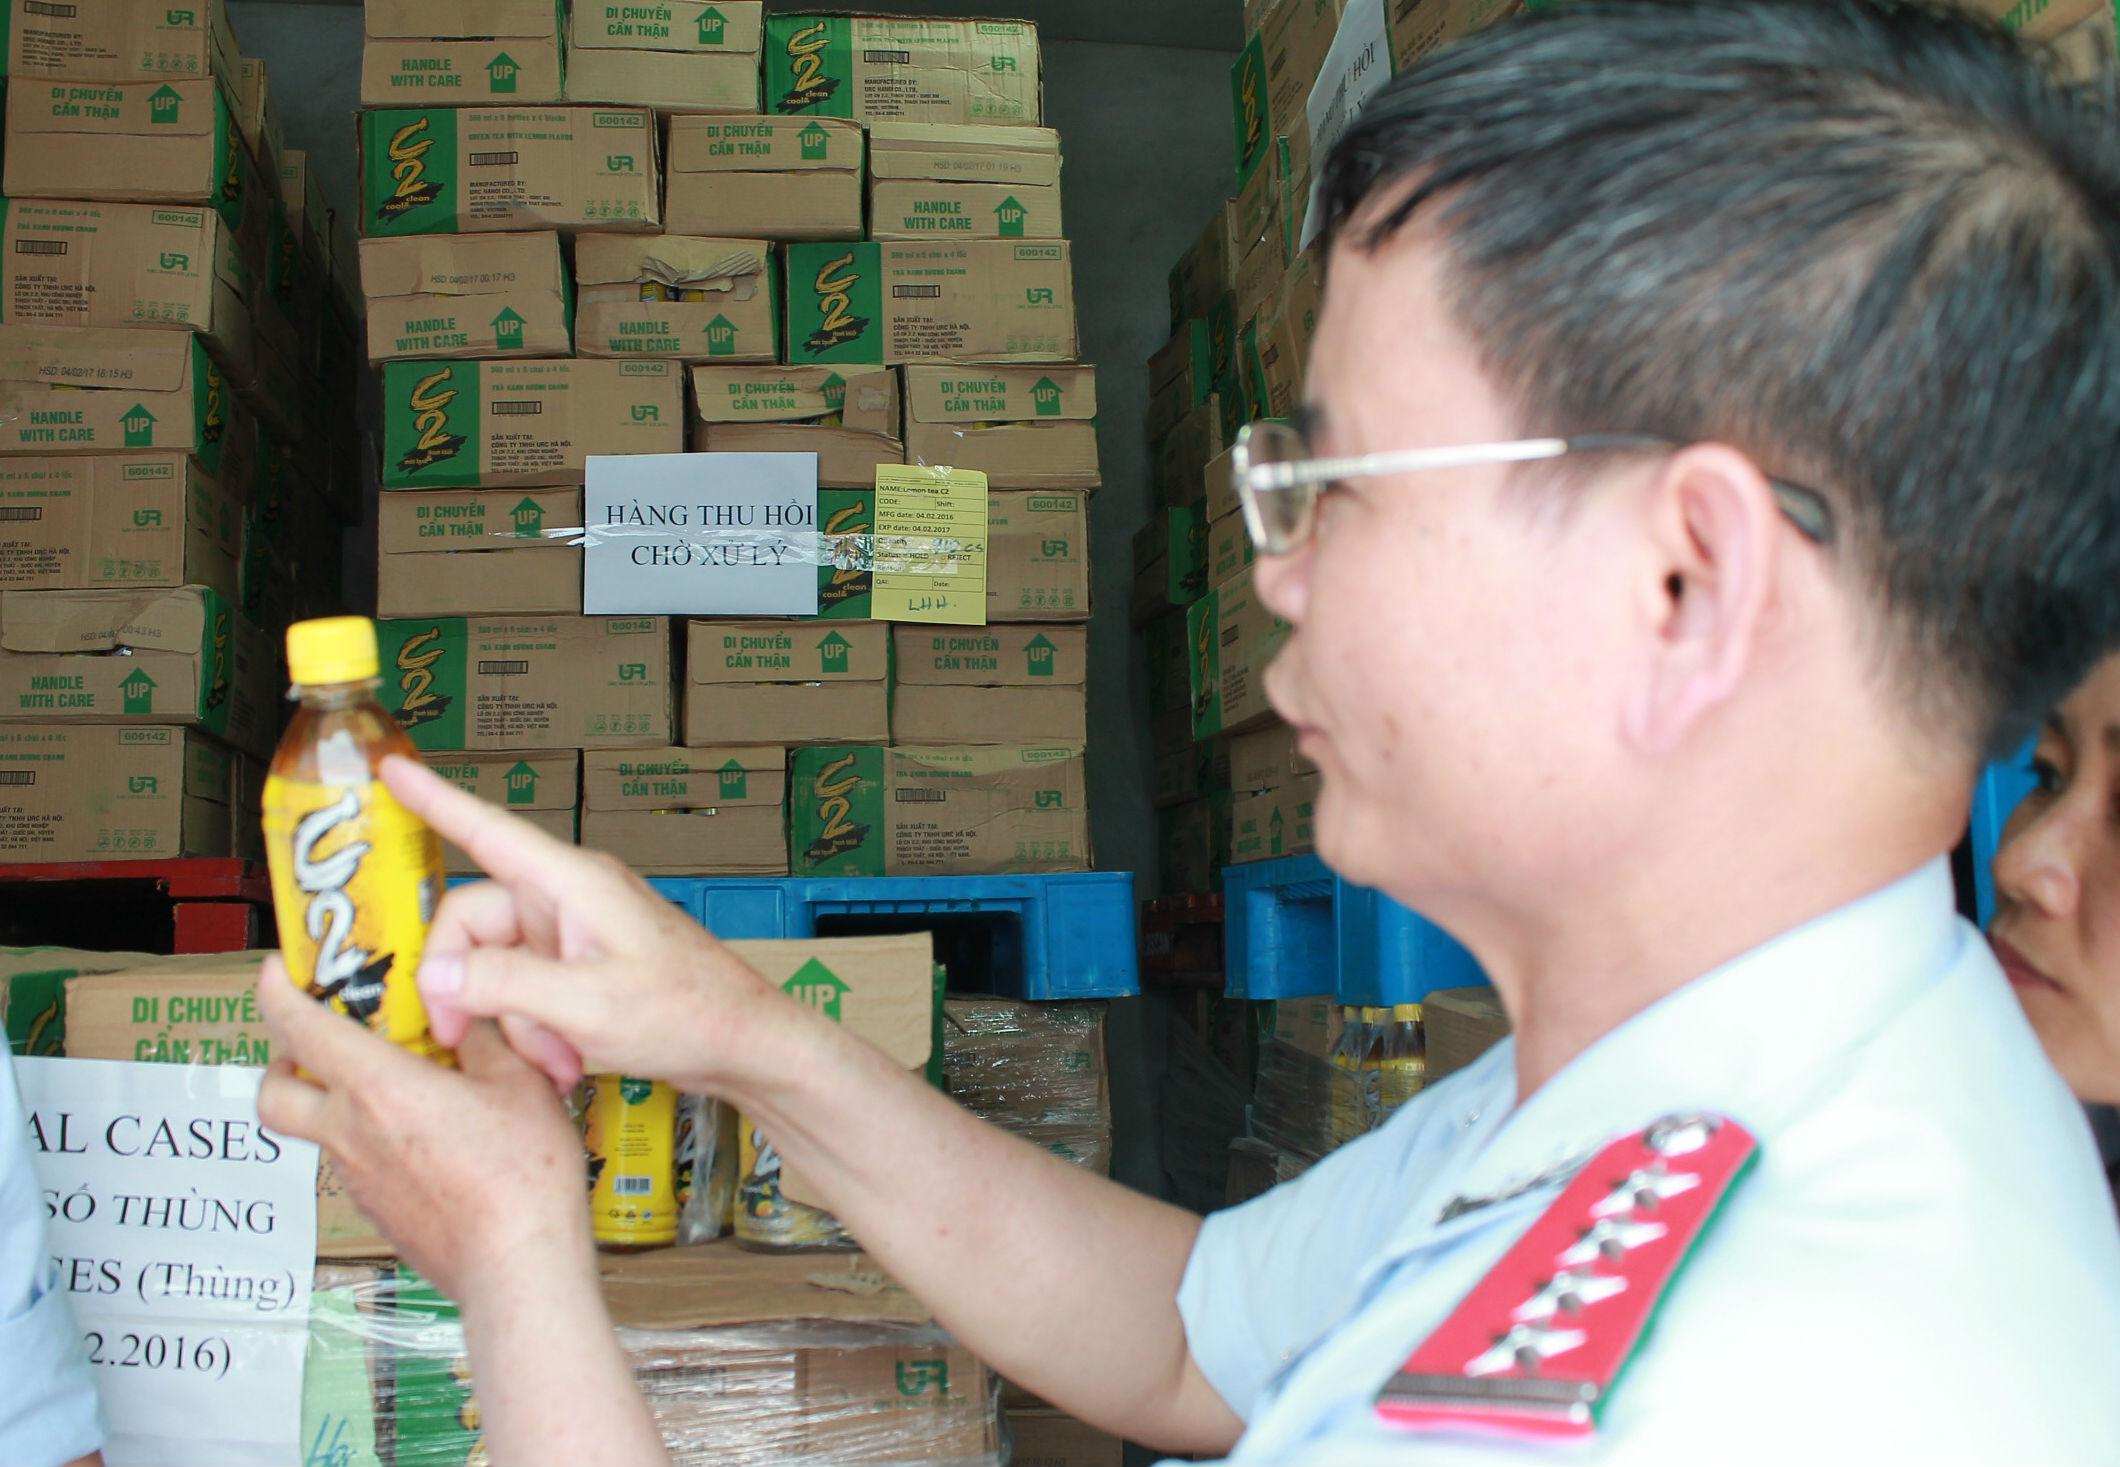 Trưởng đoàn thanh tra vụ C2: URC đã nghiêm túc xử lý, thu hồi sản phẩm - Ảnh 2